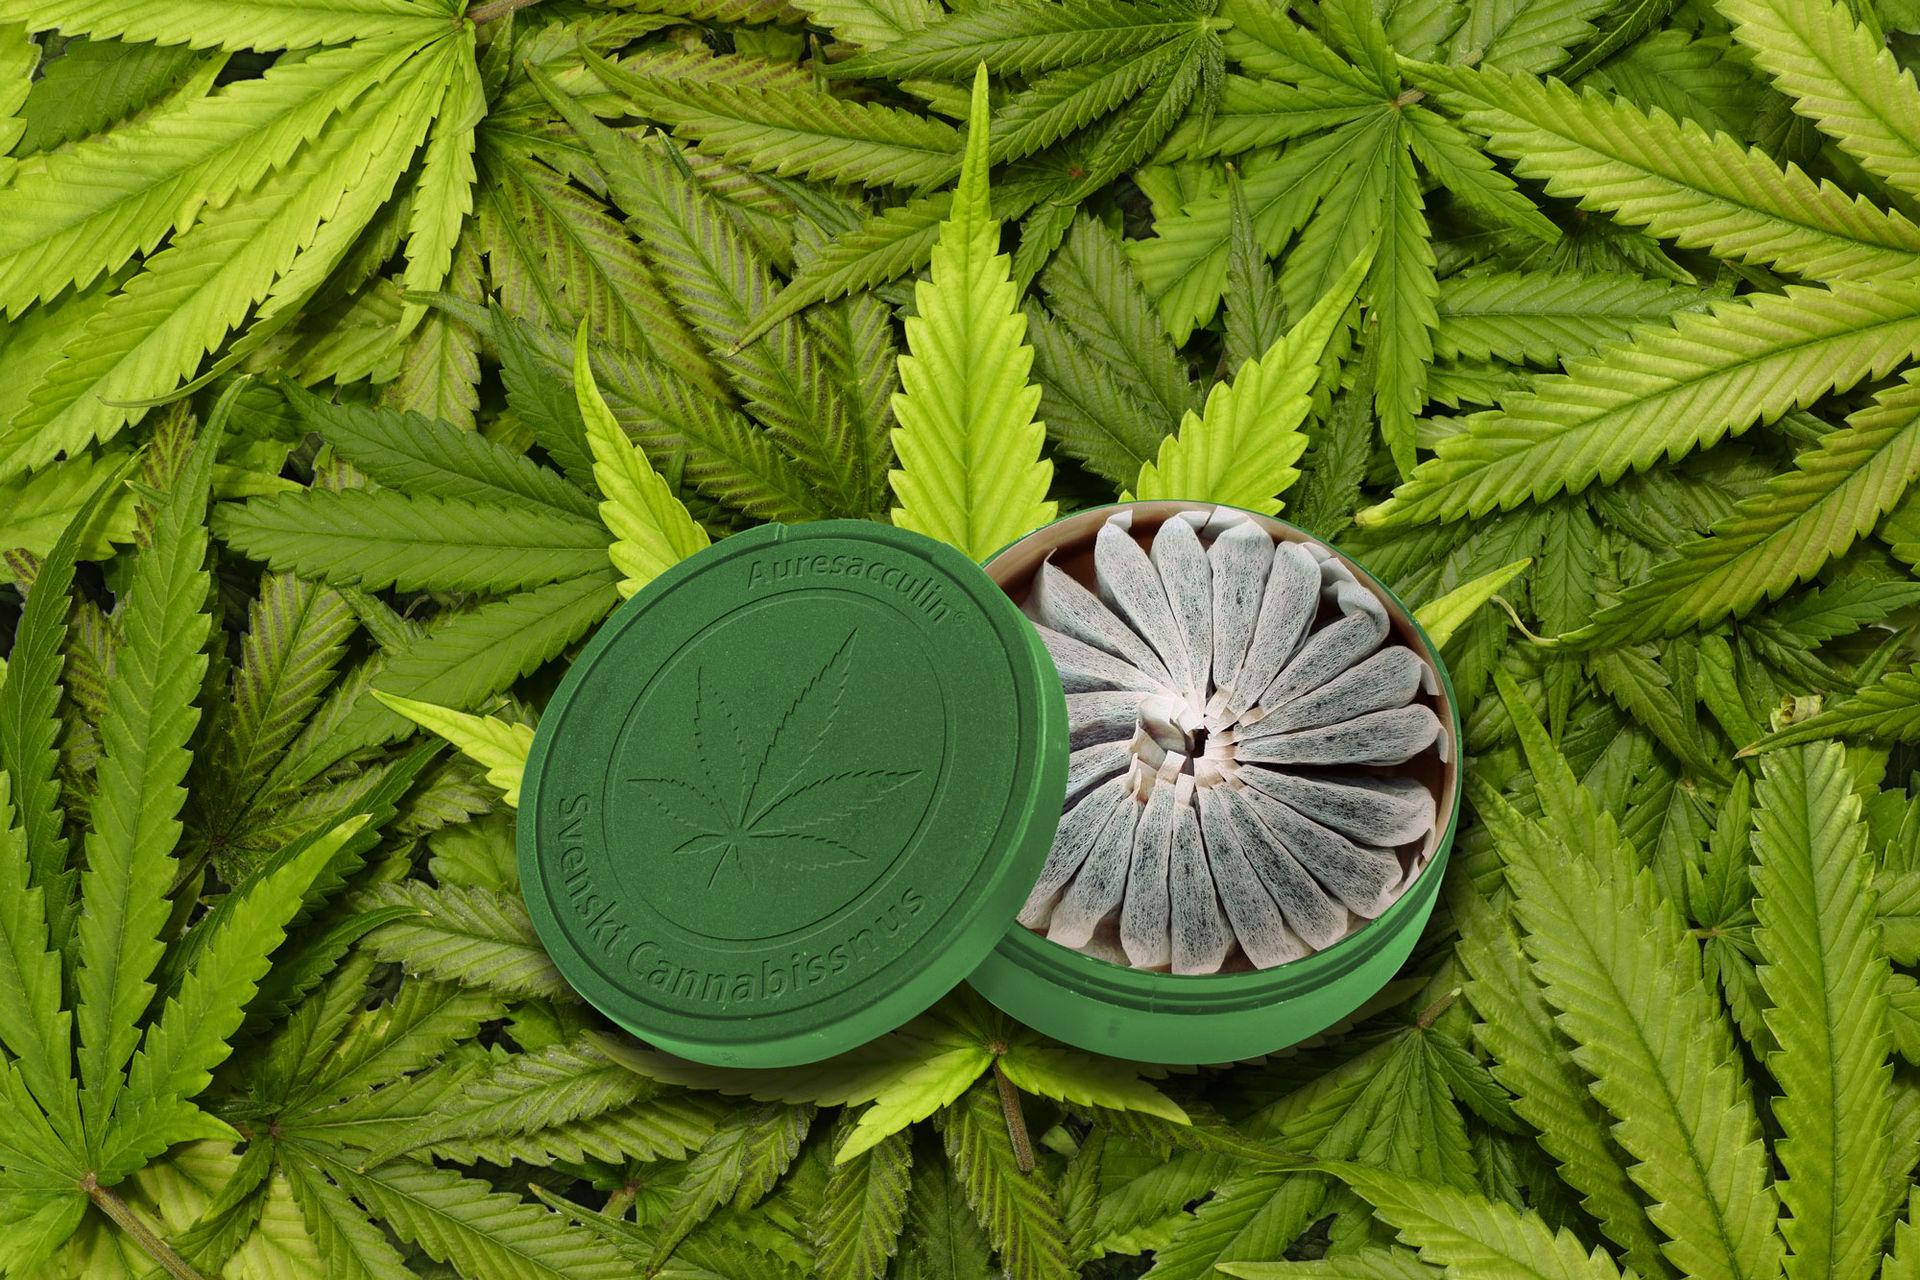 Svenskt företag ska göra cannabissnus